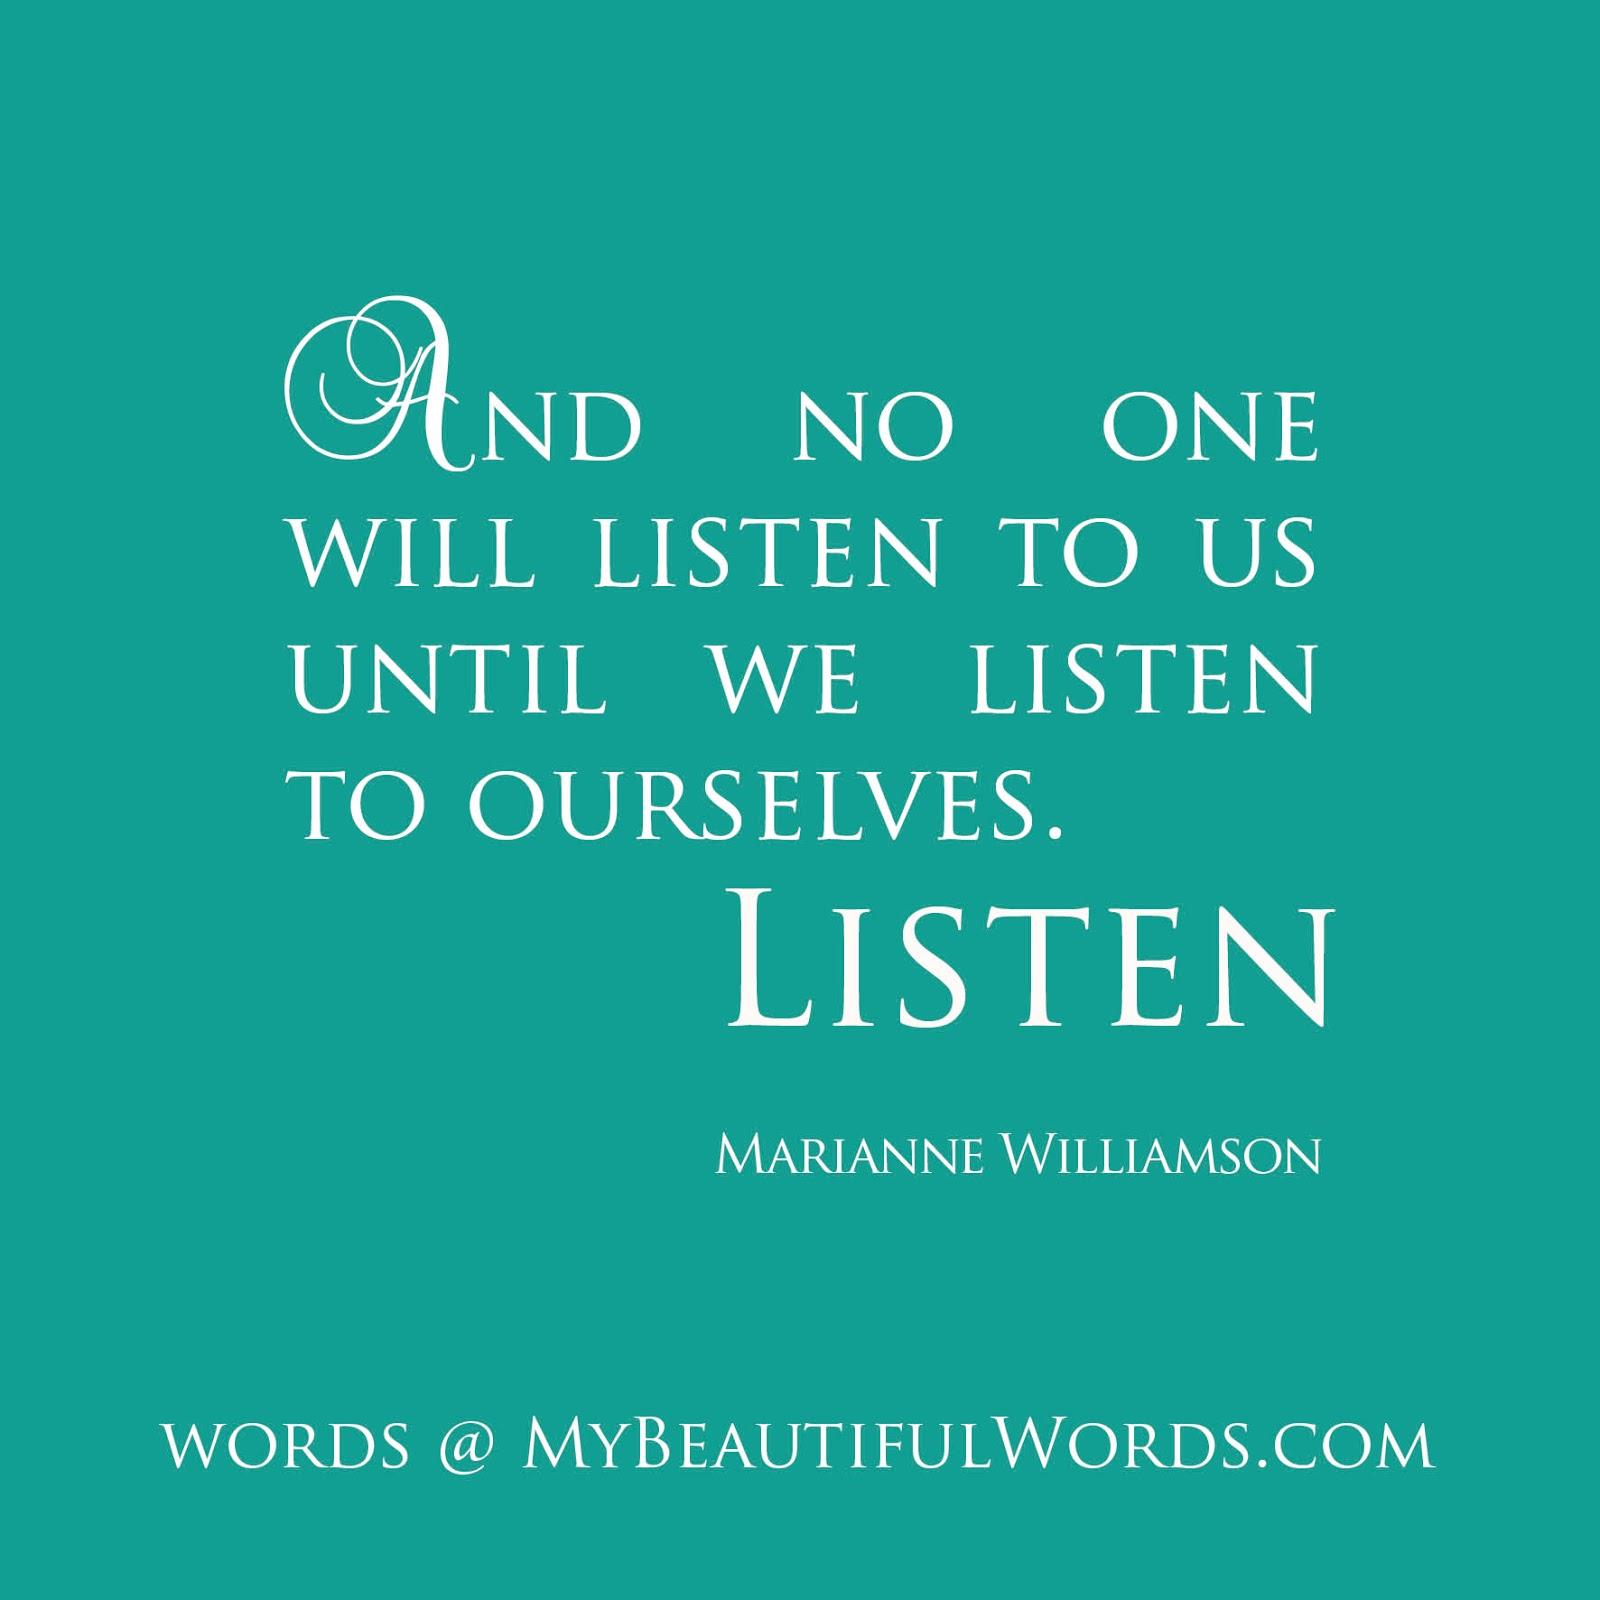 Marianne Williamson's quote #7